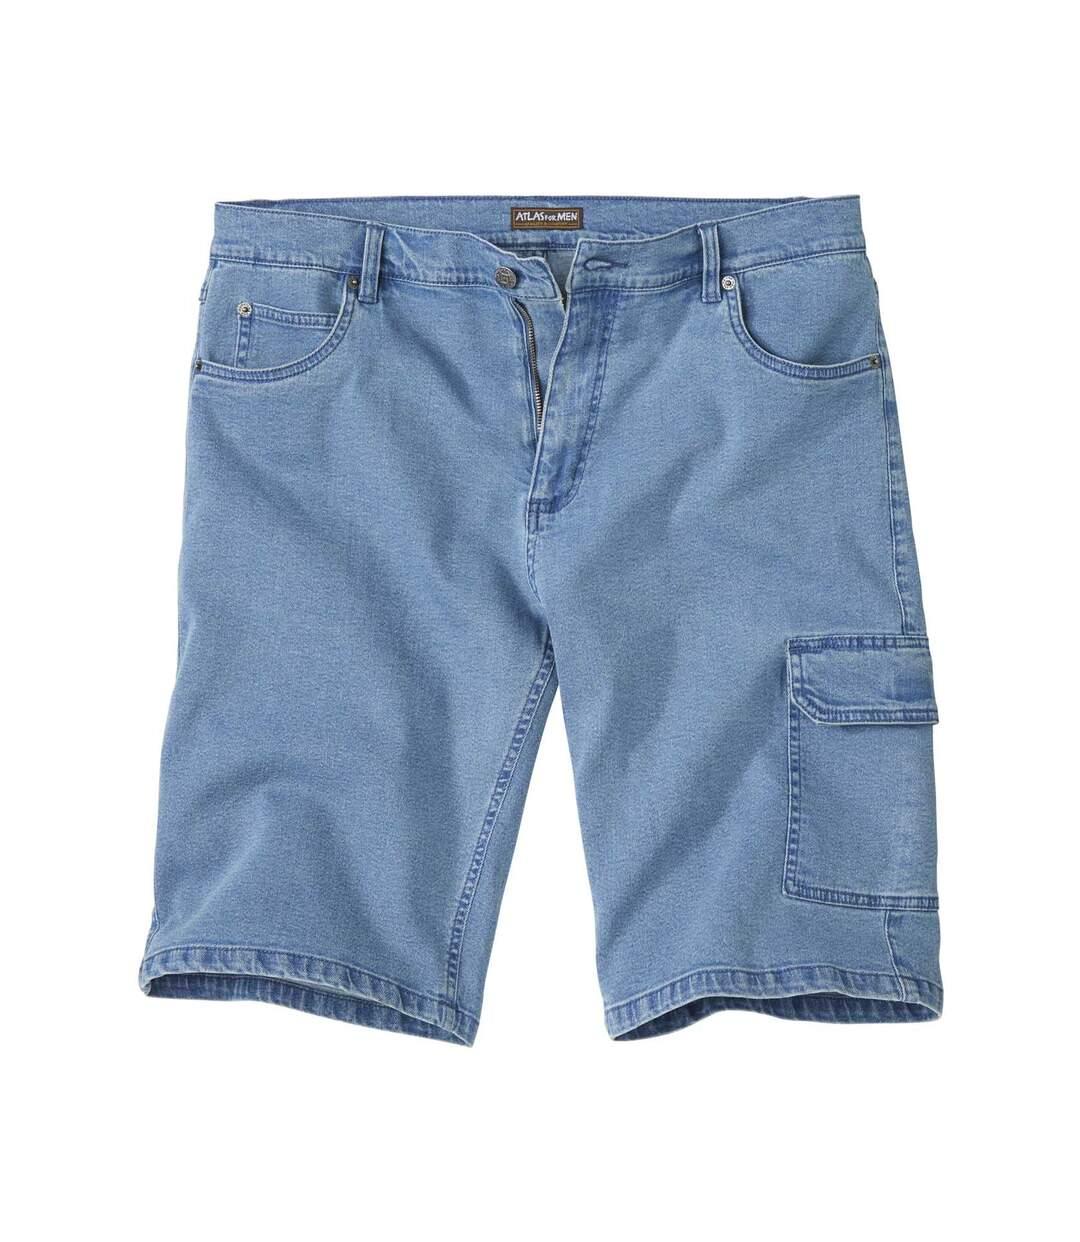 Lichtblauwe jeans bermuda